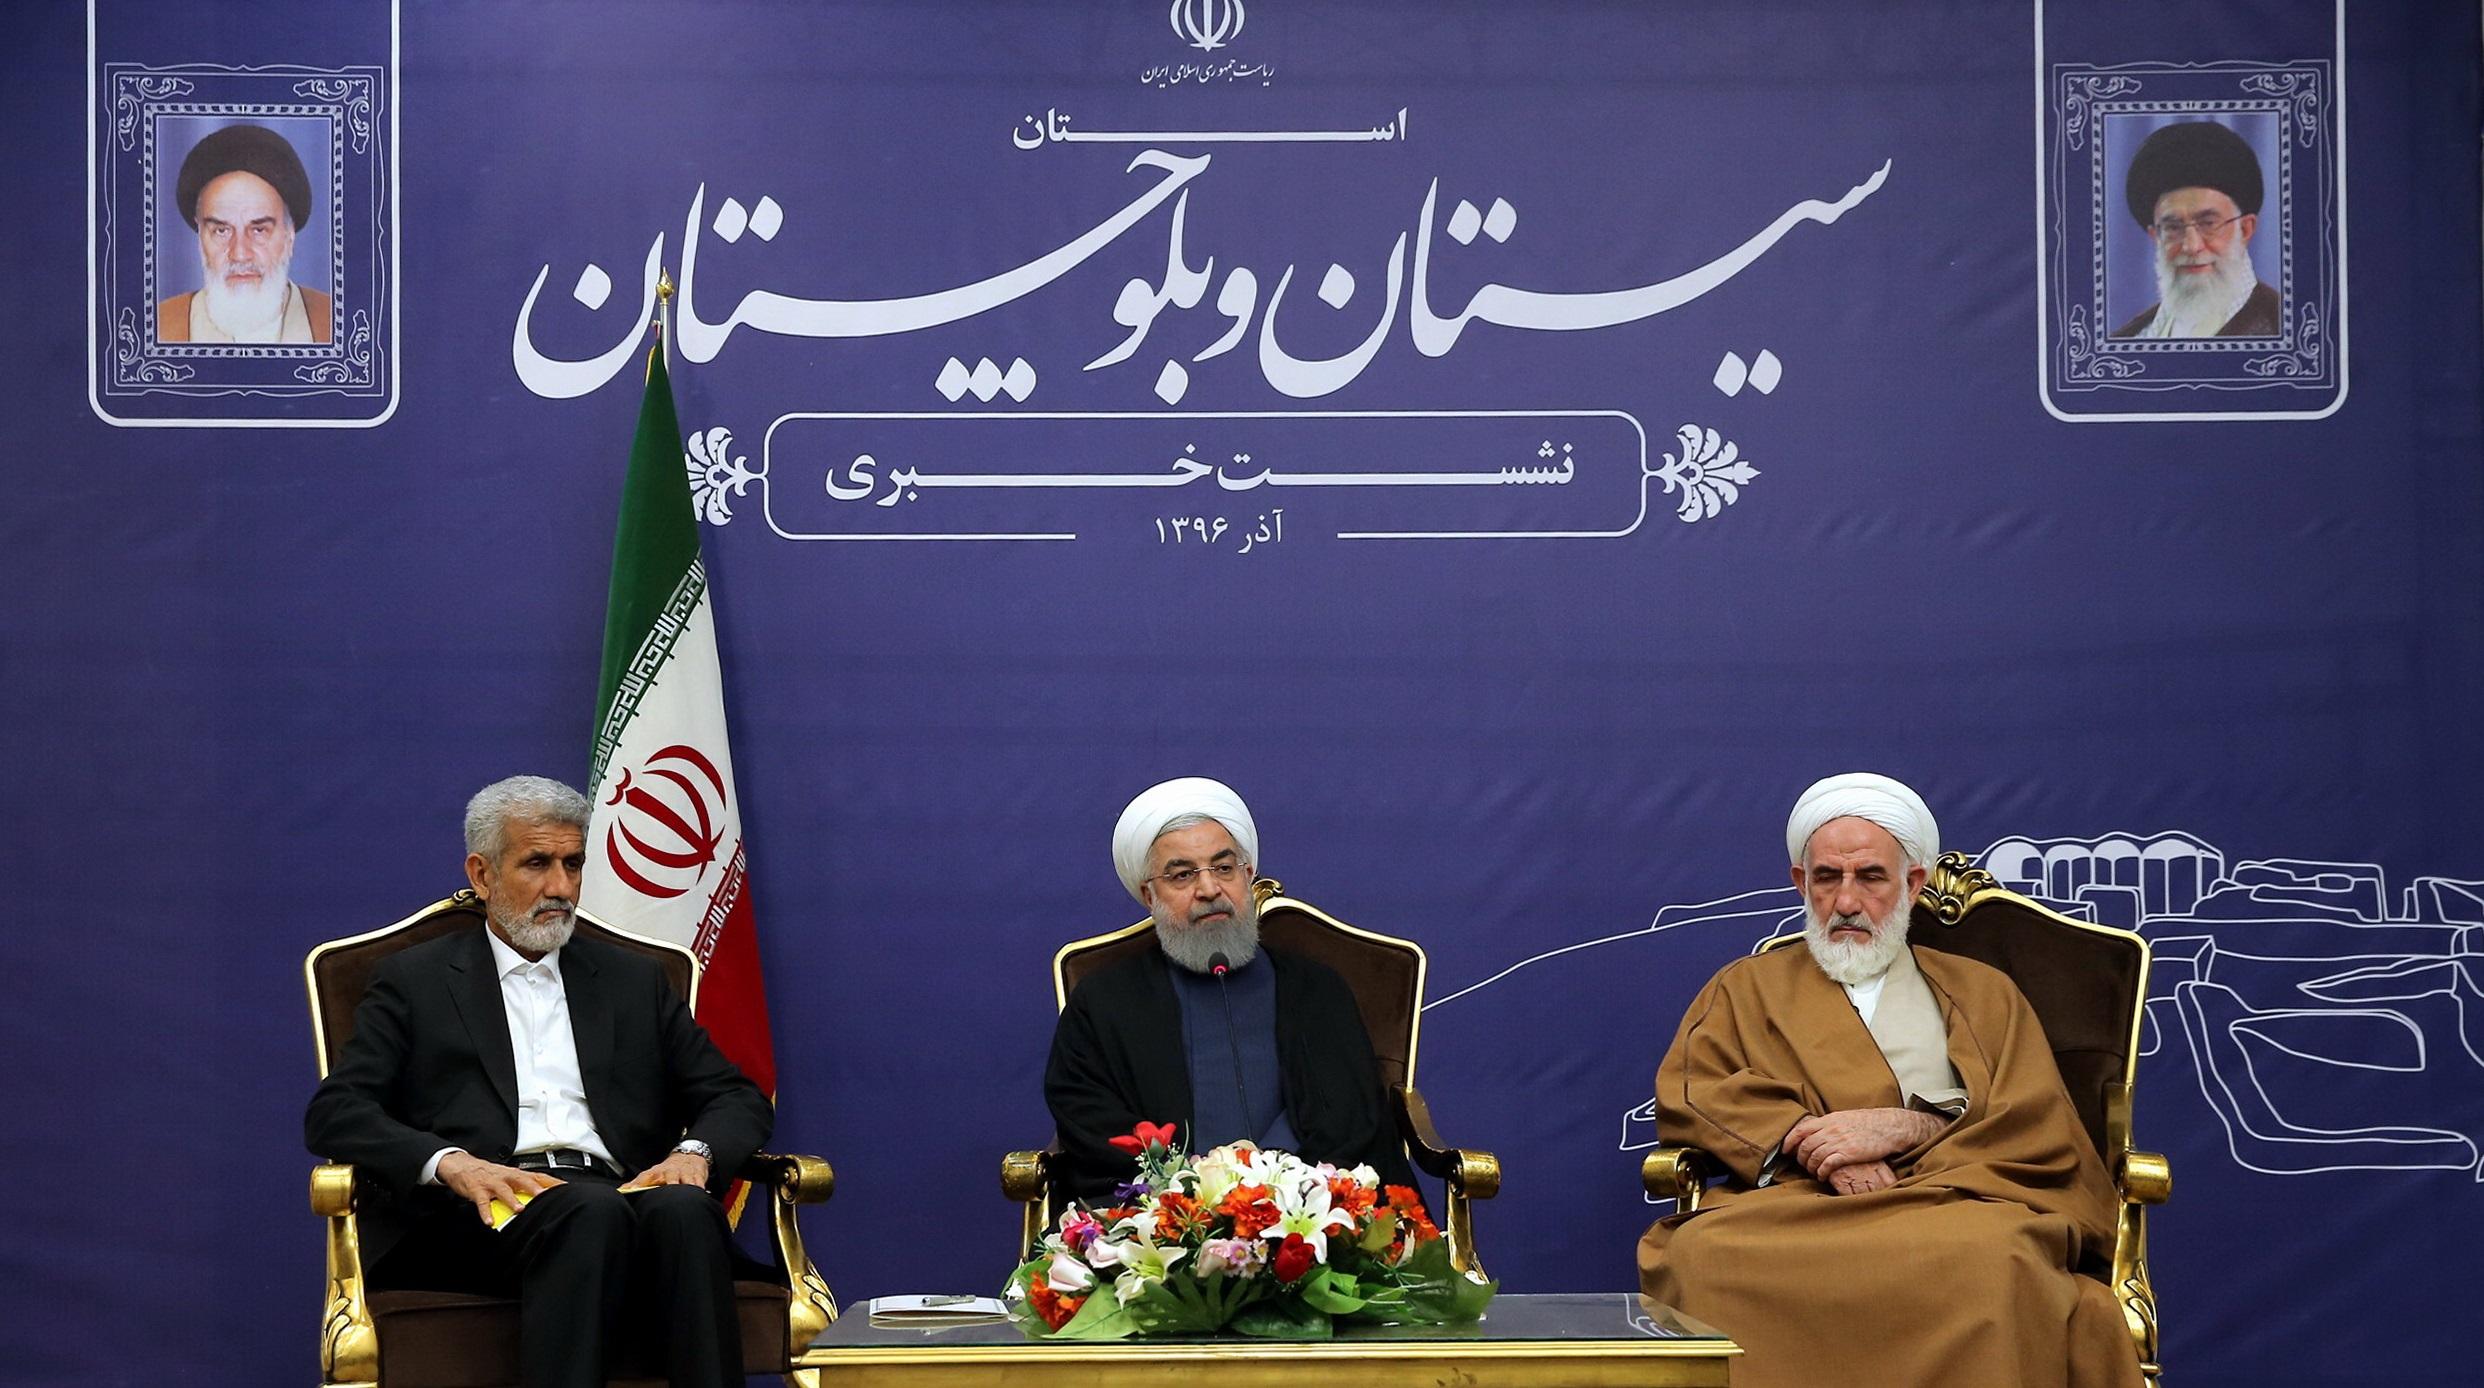 پایان سفر رئیسجمهور به سیستان و بلوچستان/روحانی: حاشیهنشینی غمی بزرگ است